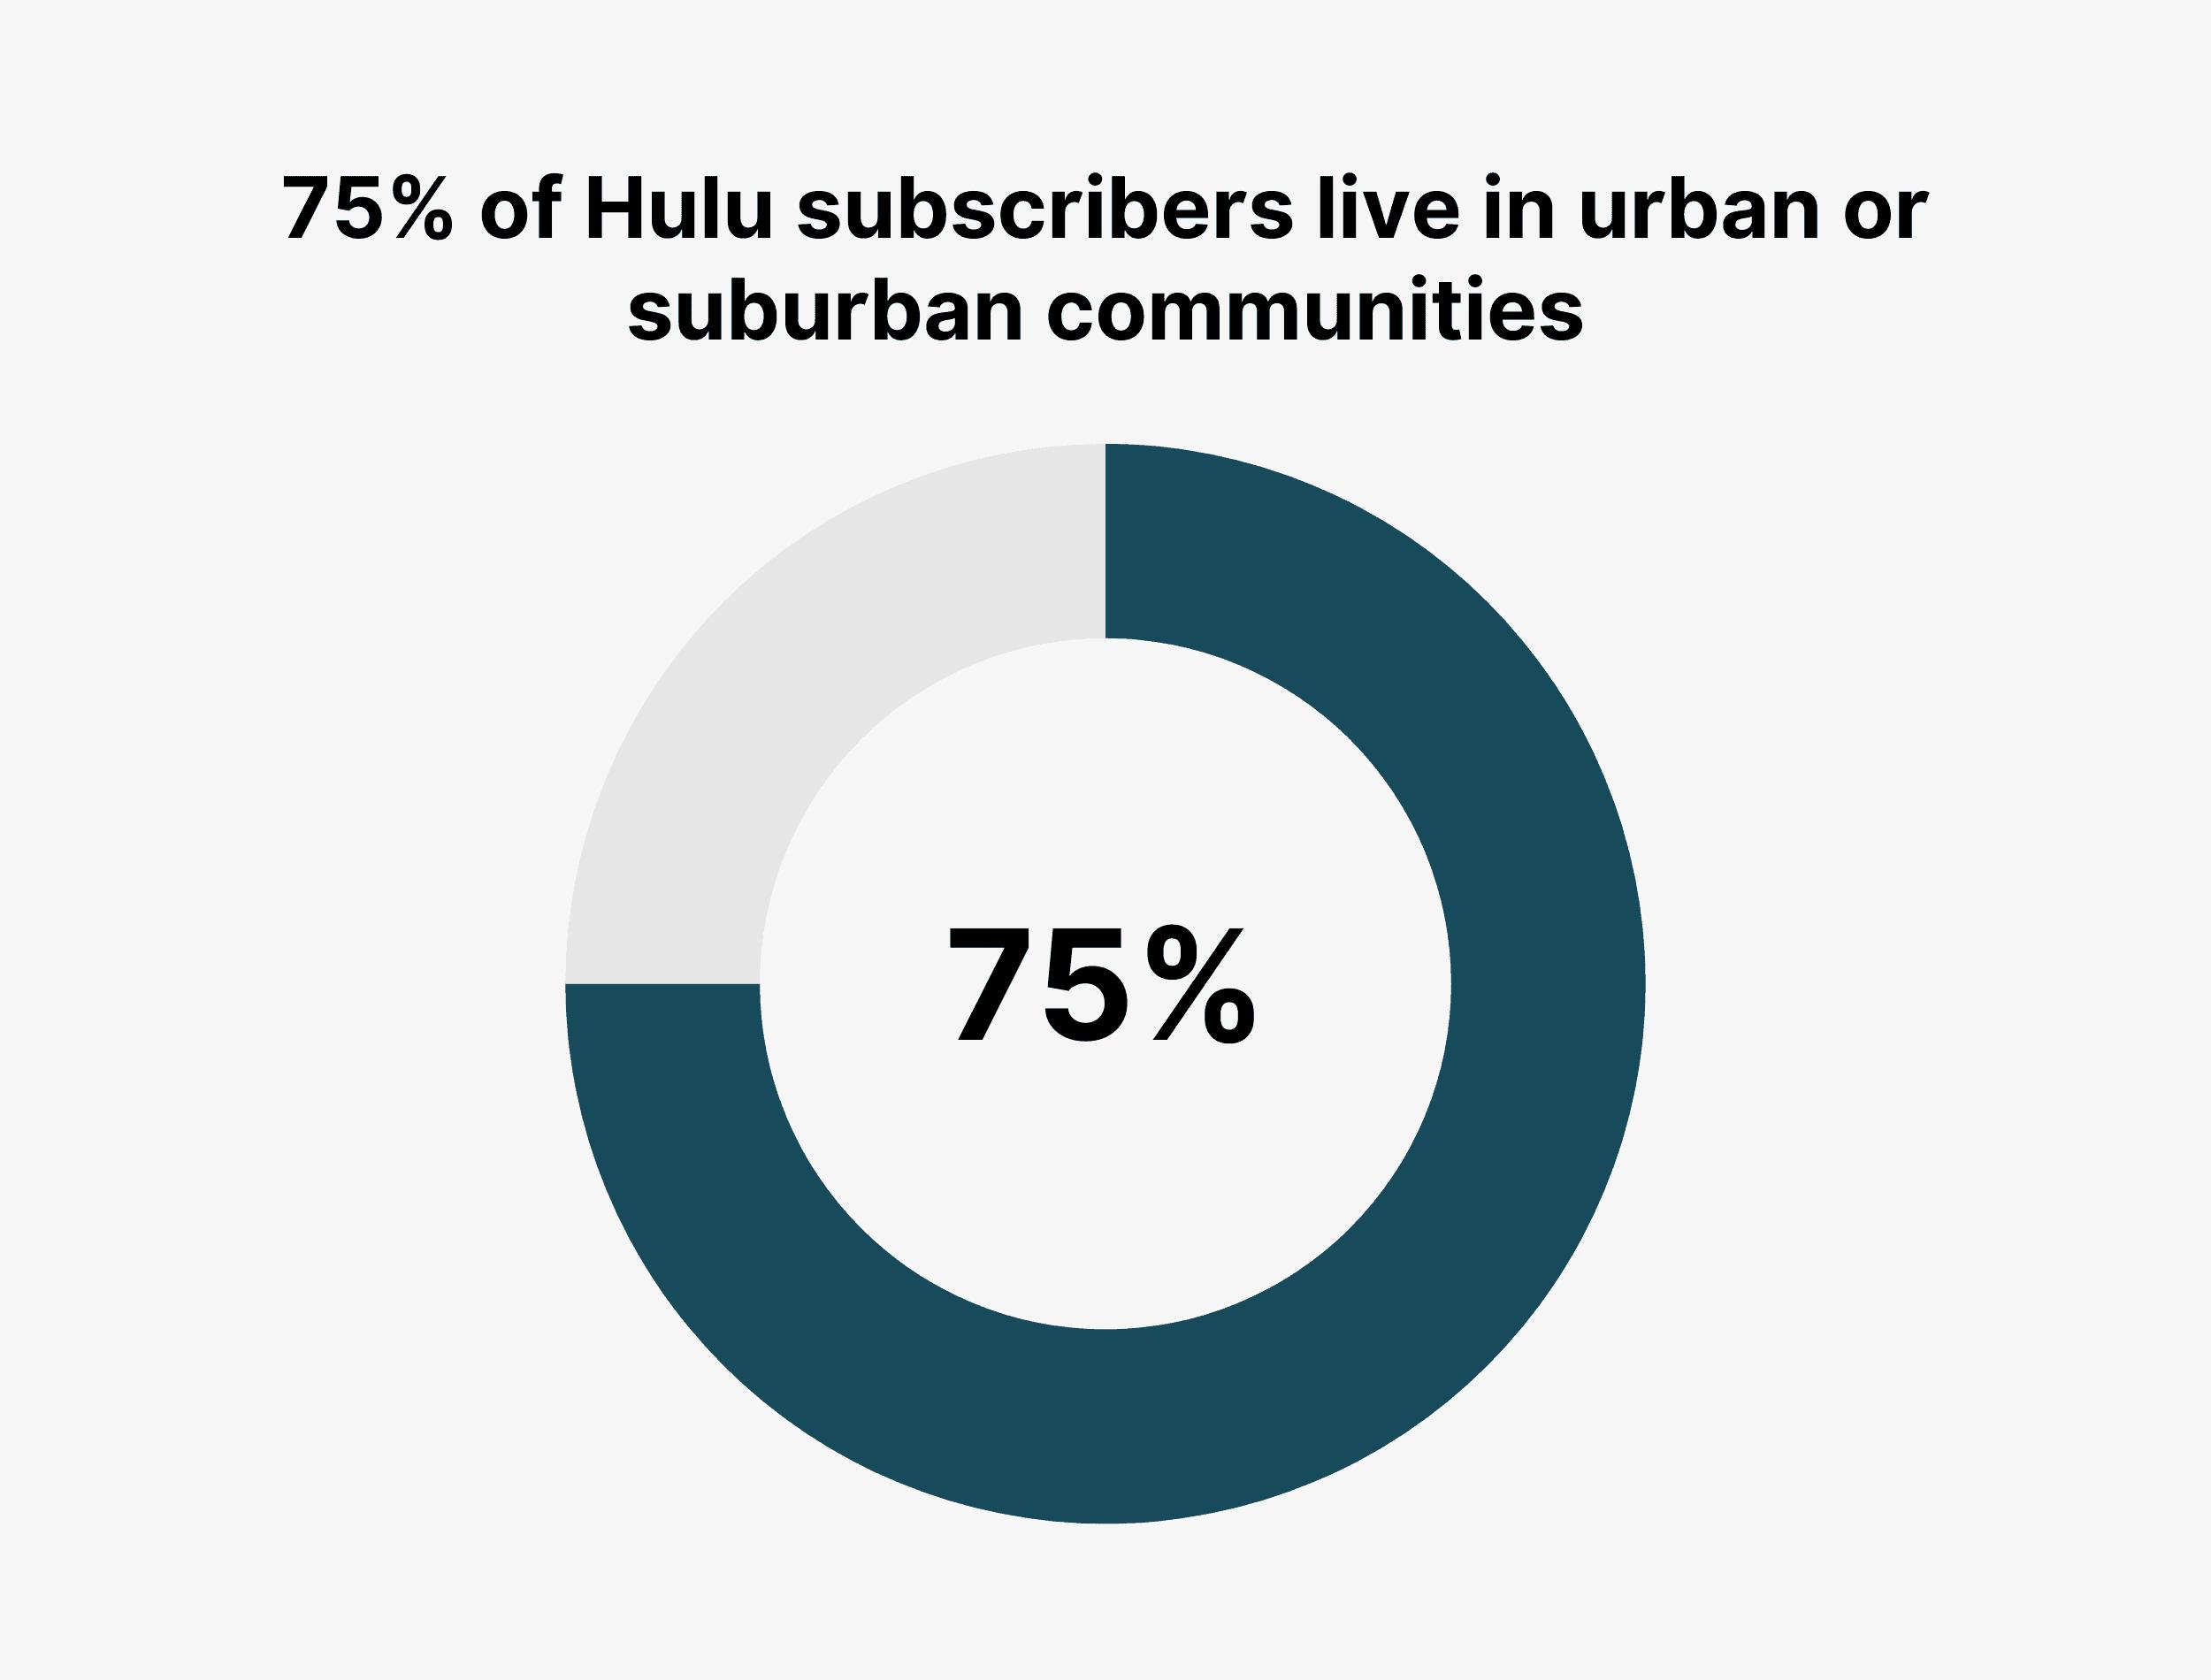 75% of Hulu subscribers live in urban or suburban communities